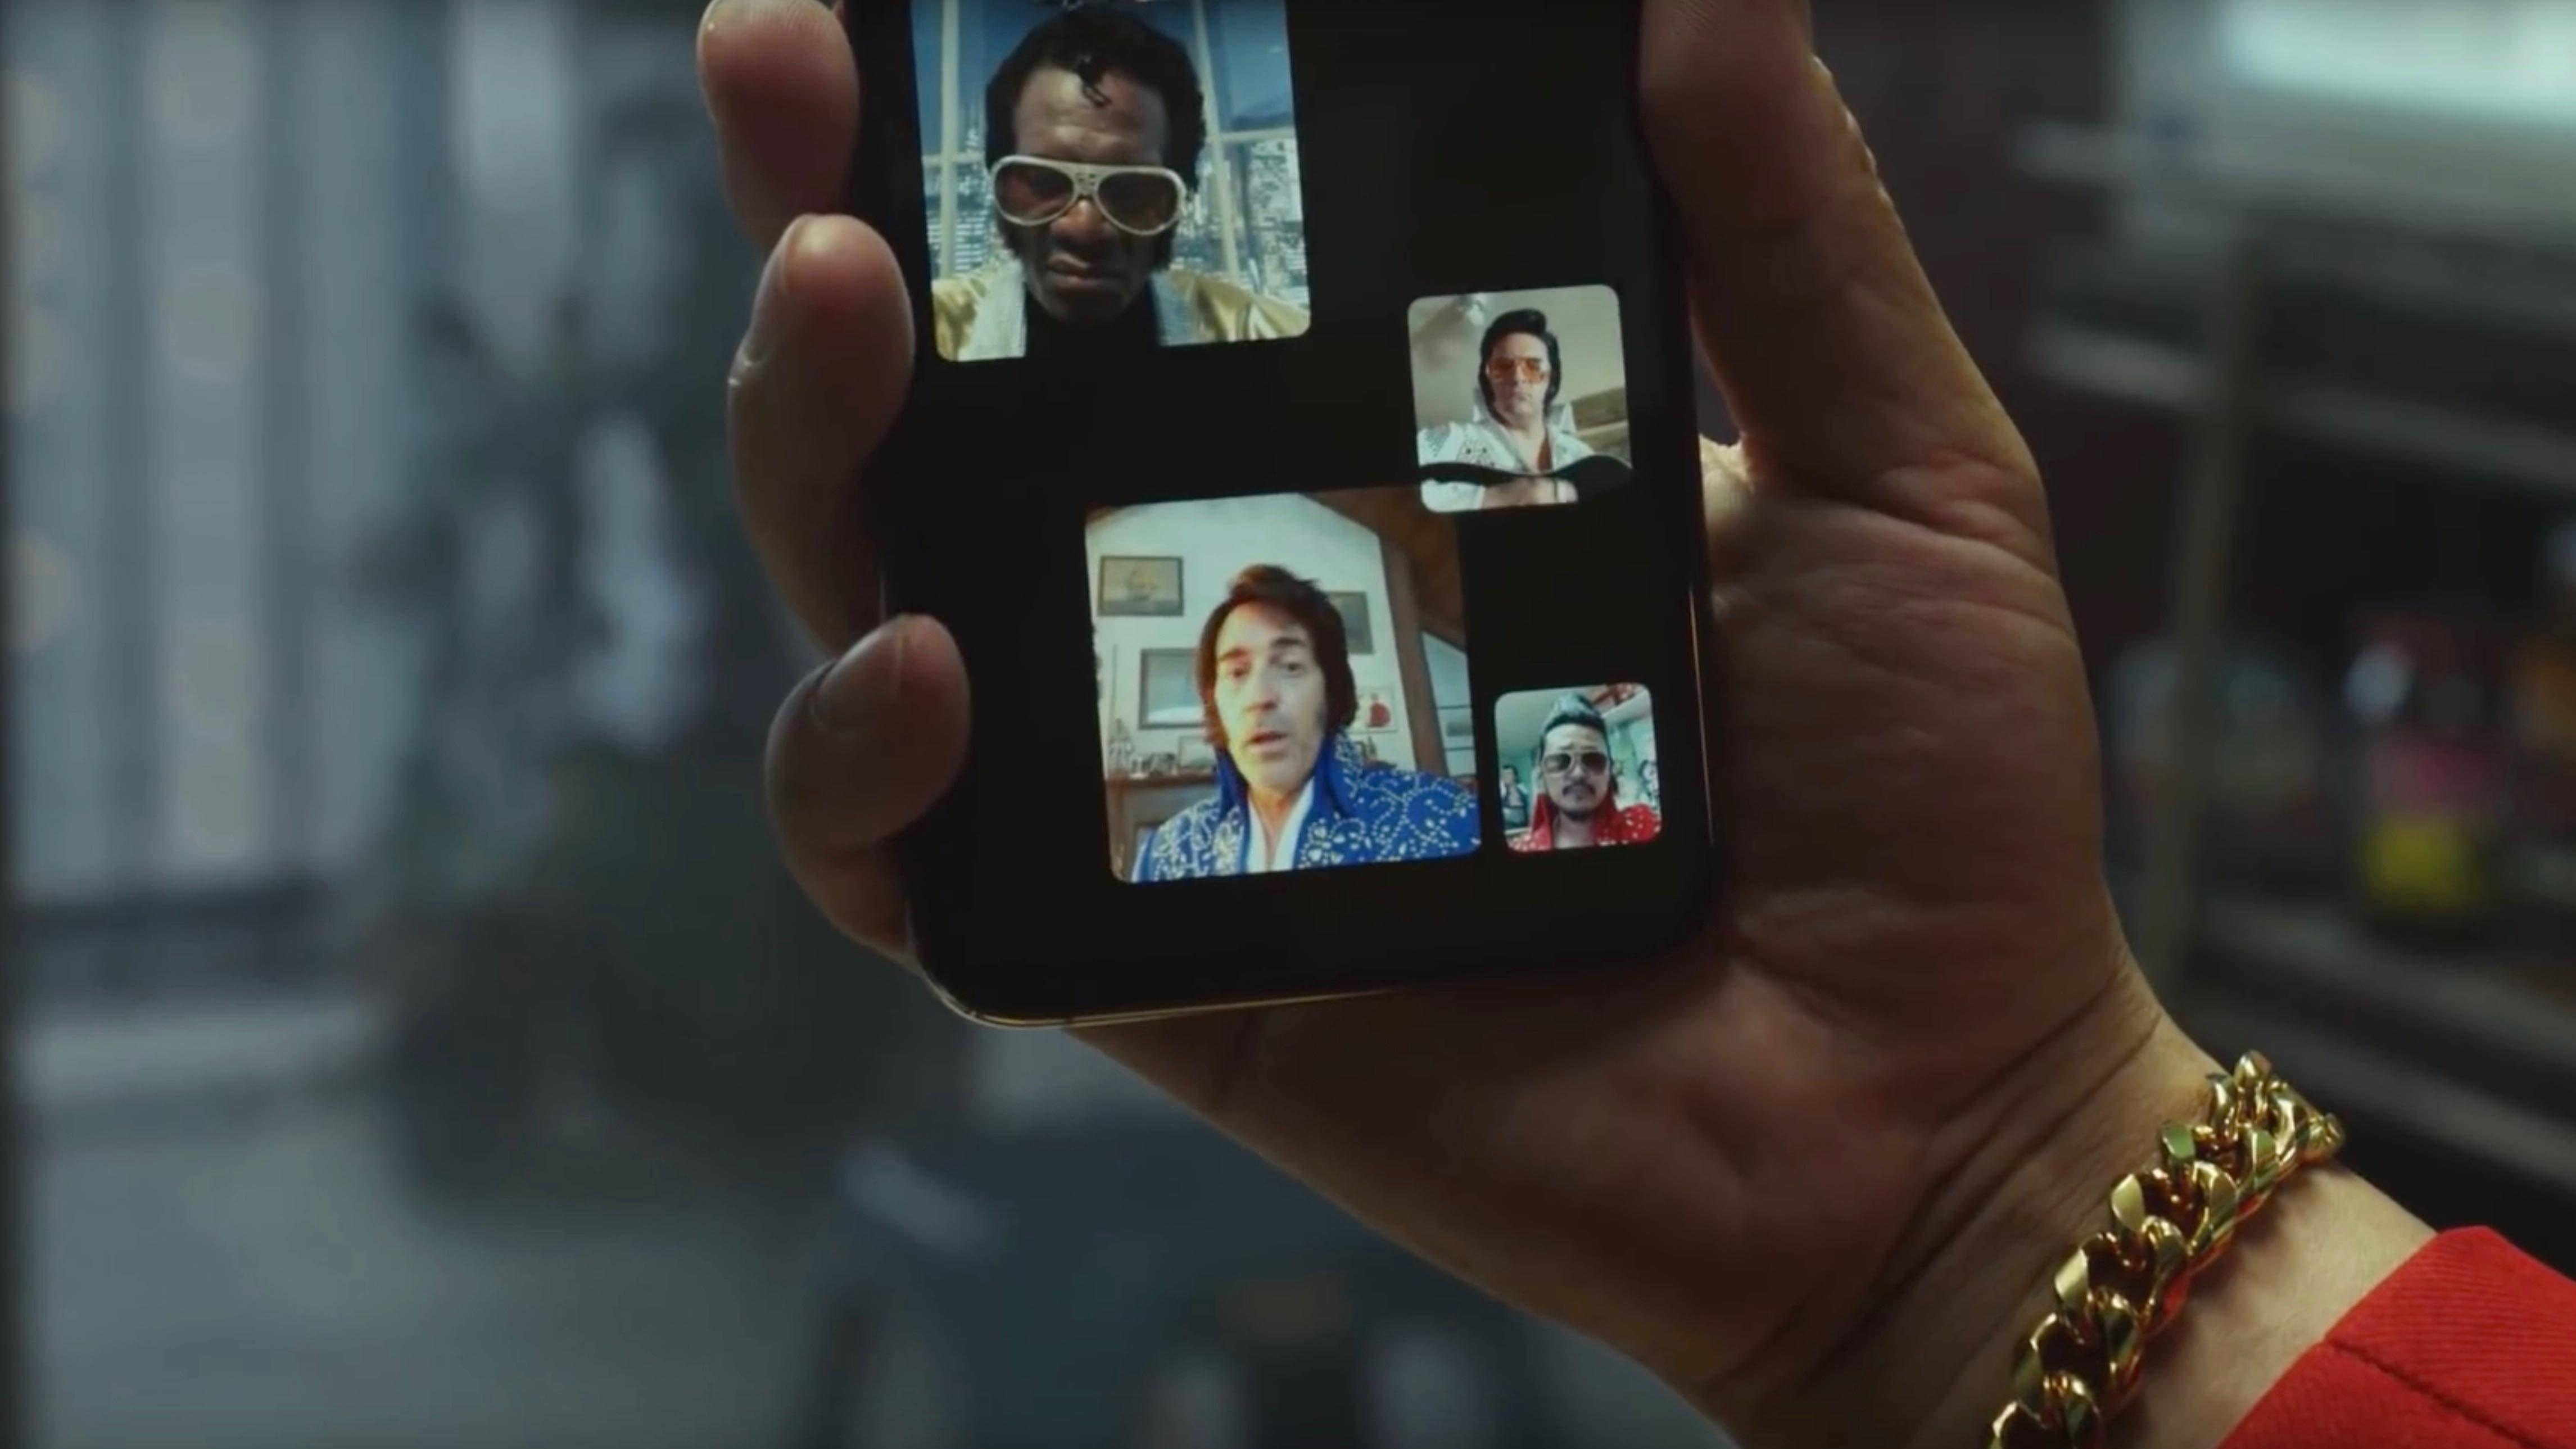 Komoly gond van a FaceTime-mal: másokat lehet lehallgatni vele! (update)